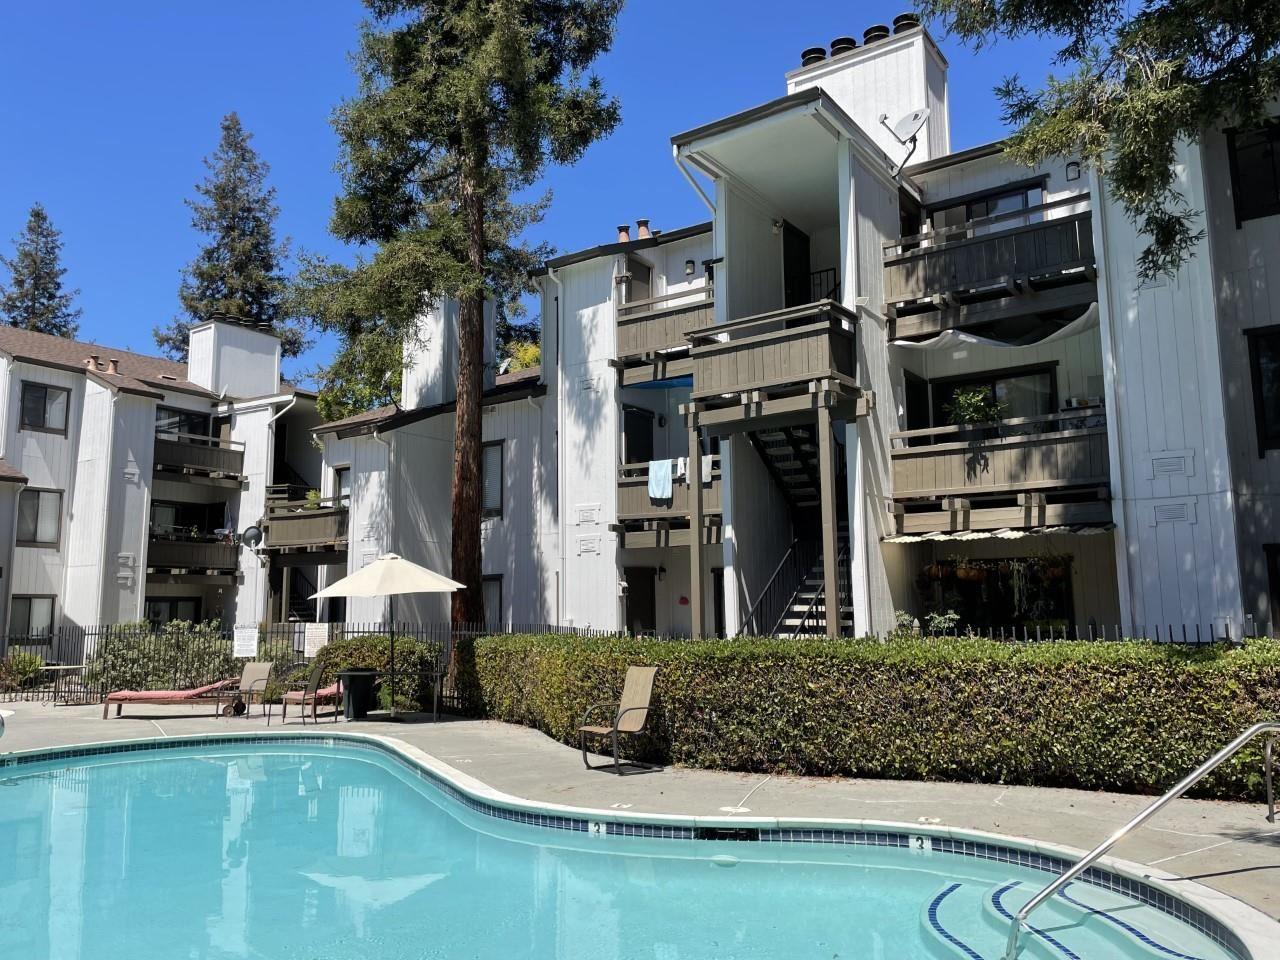 1942 Tradan Drive, San Jose, CA 95132 - MLS#: ML81852100